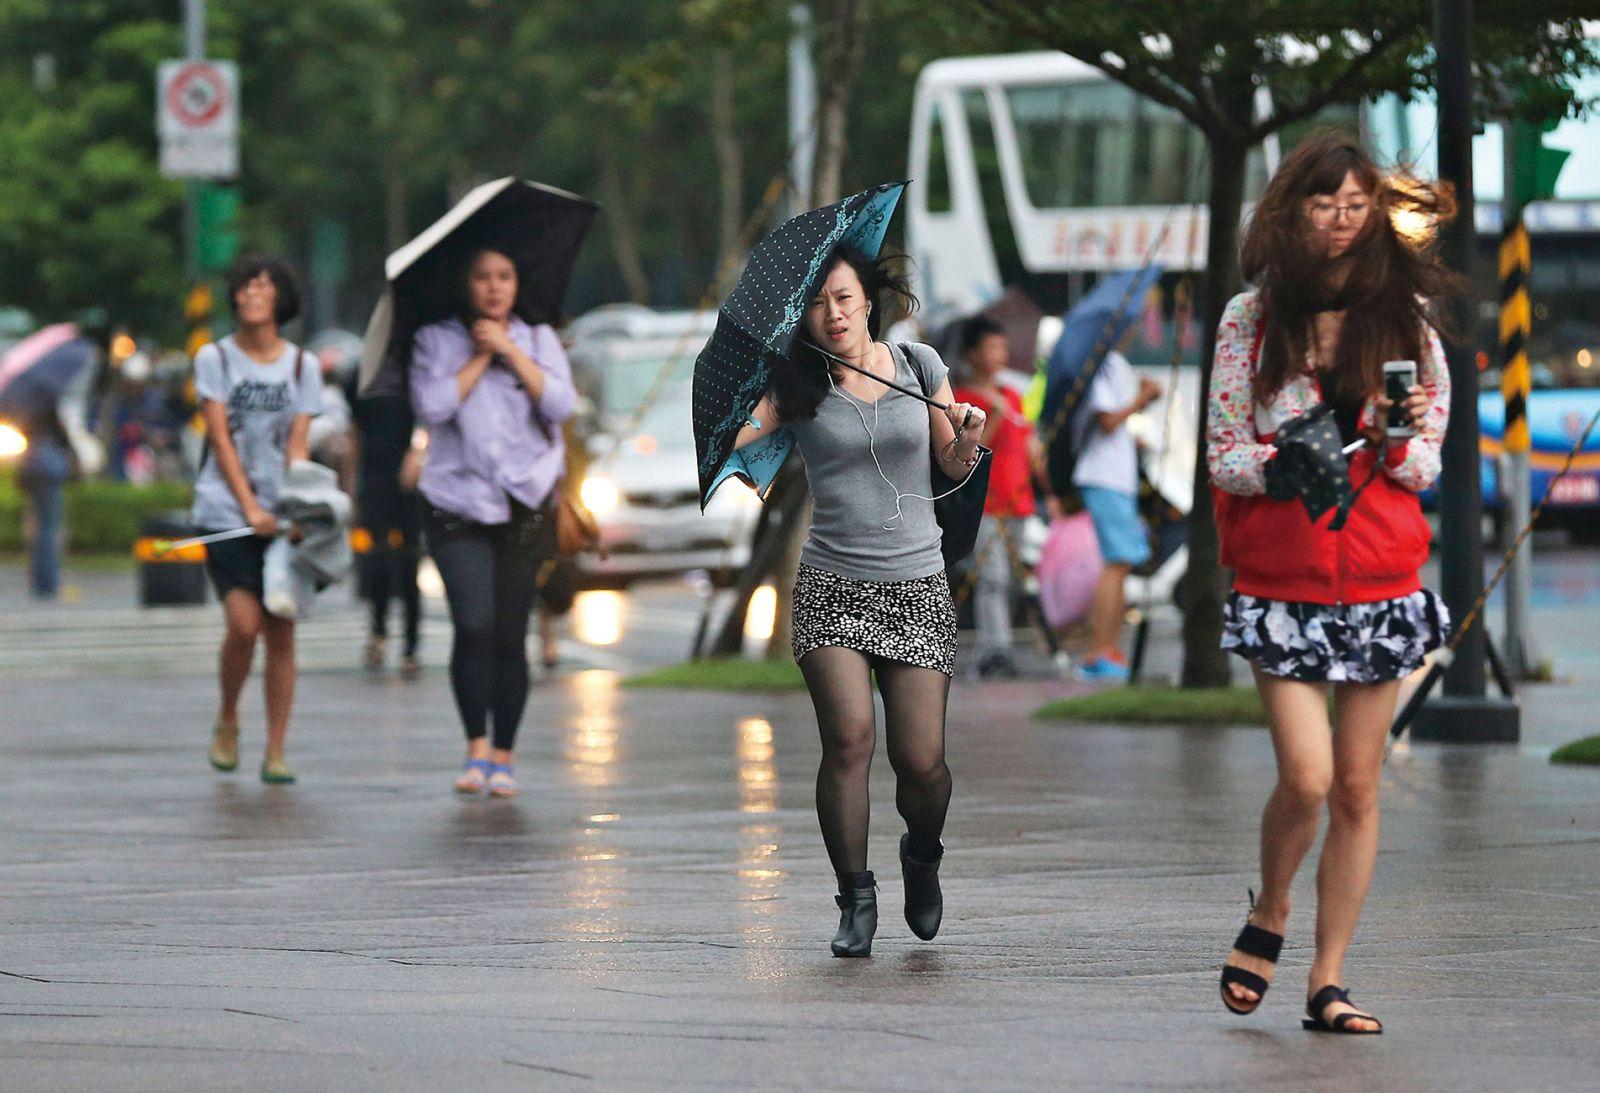 颱風假爭「入法」  不如檢討浮濫放假